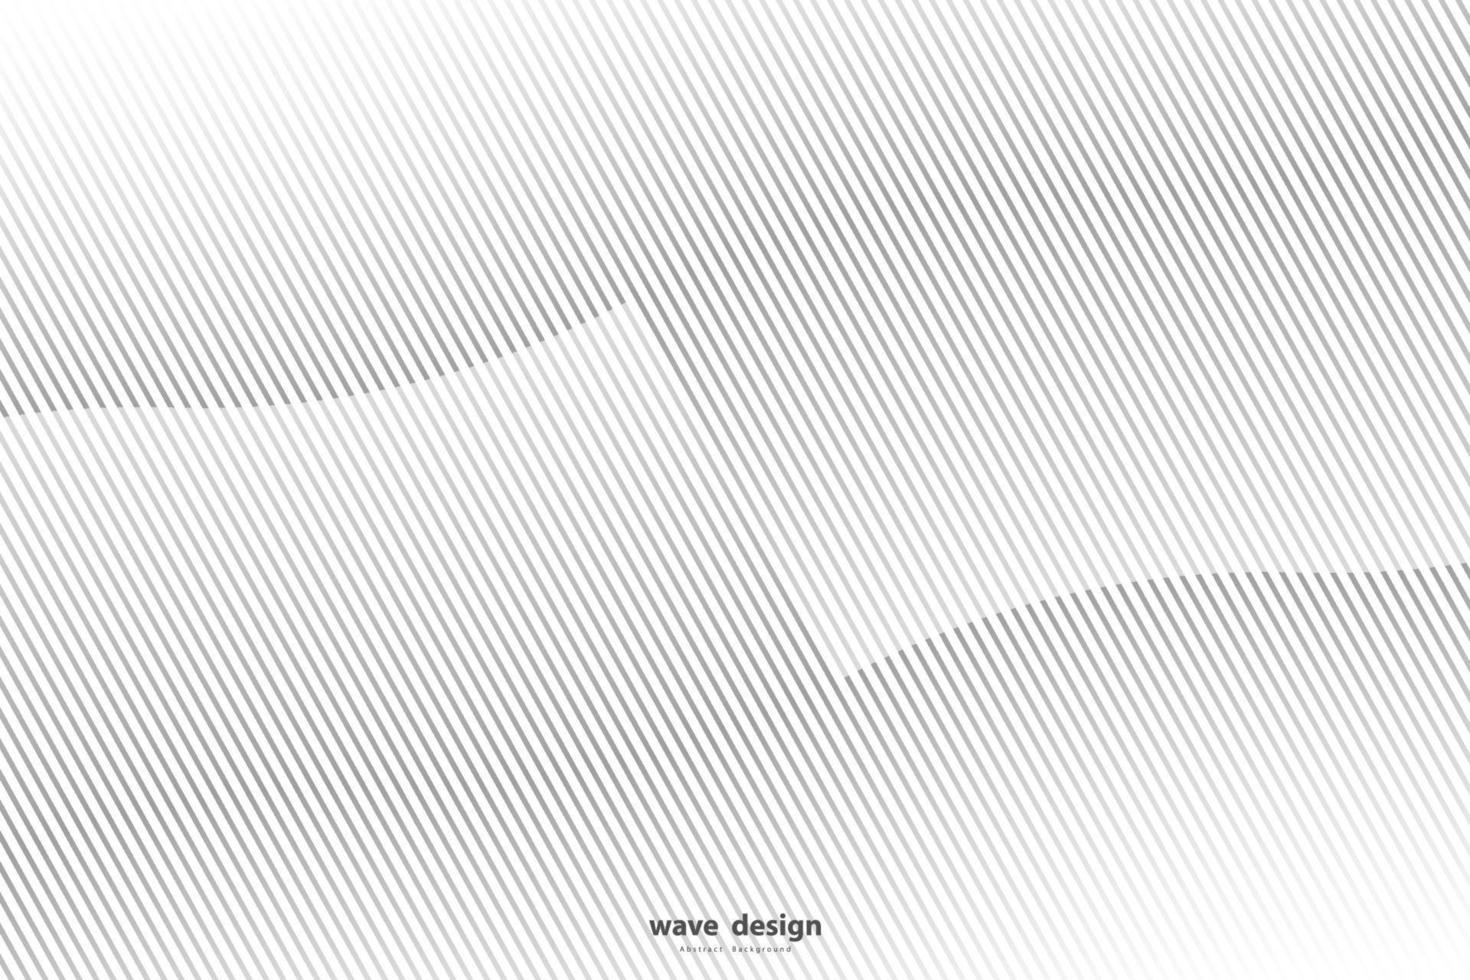 motivo a strisce vettoriali. sfondo trama geometrica. carta da parati linee astratte. modello vettoriale per le tue idee. eps10 - illustrazione